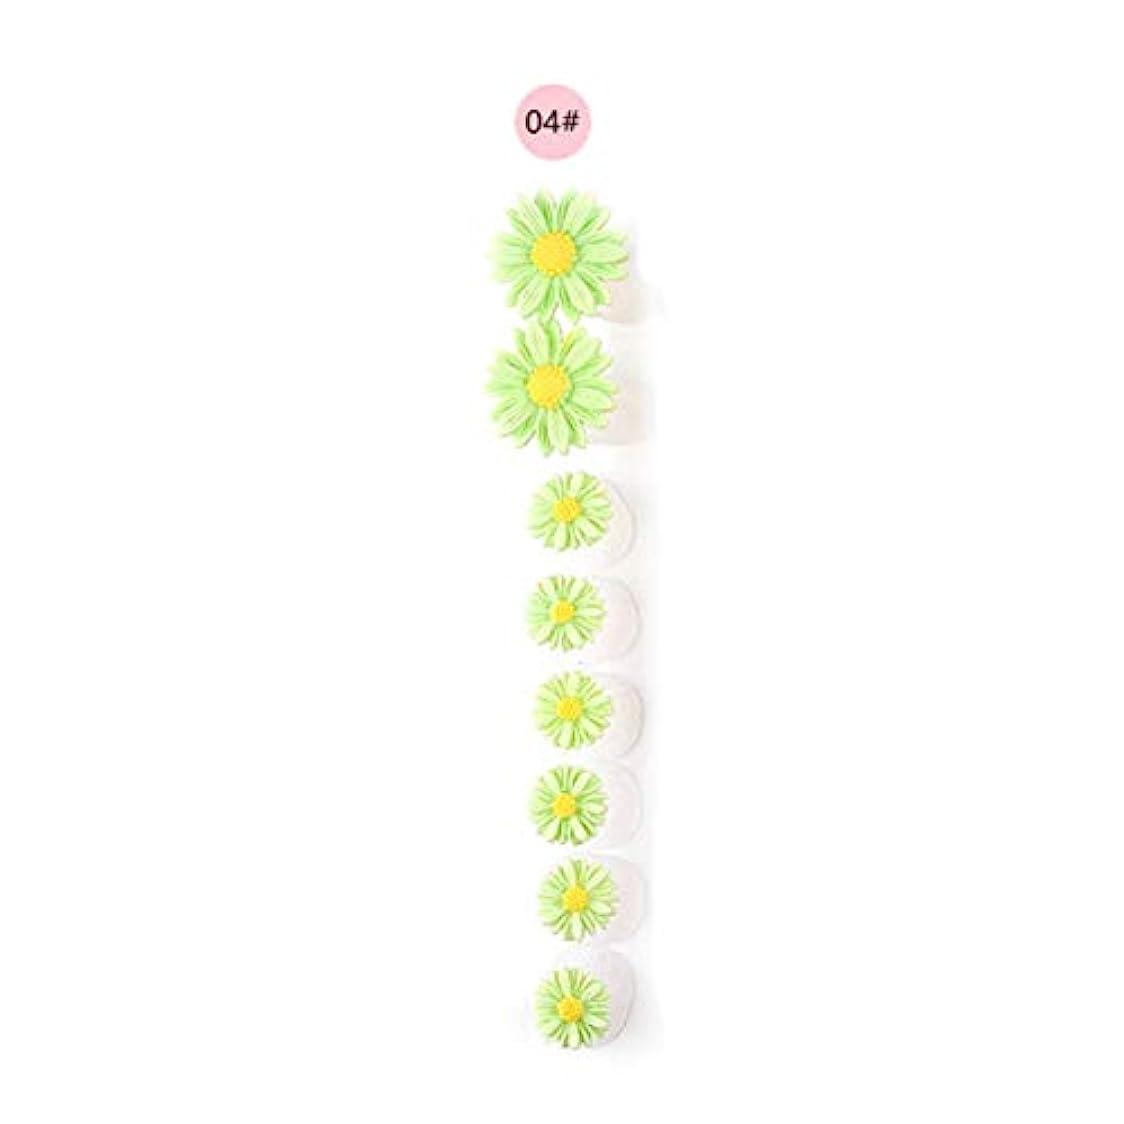 代替スピリチュアルギャロップ8ピース/セットシリコンつま先セパレーター足つま先スペーサー花形ペディキュアDIYネイルアートツール-カラフル04#